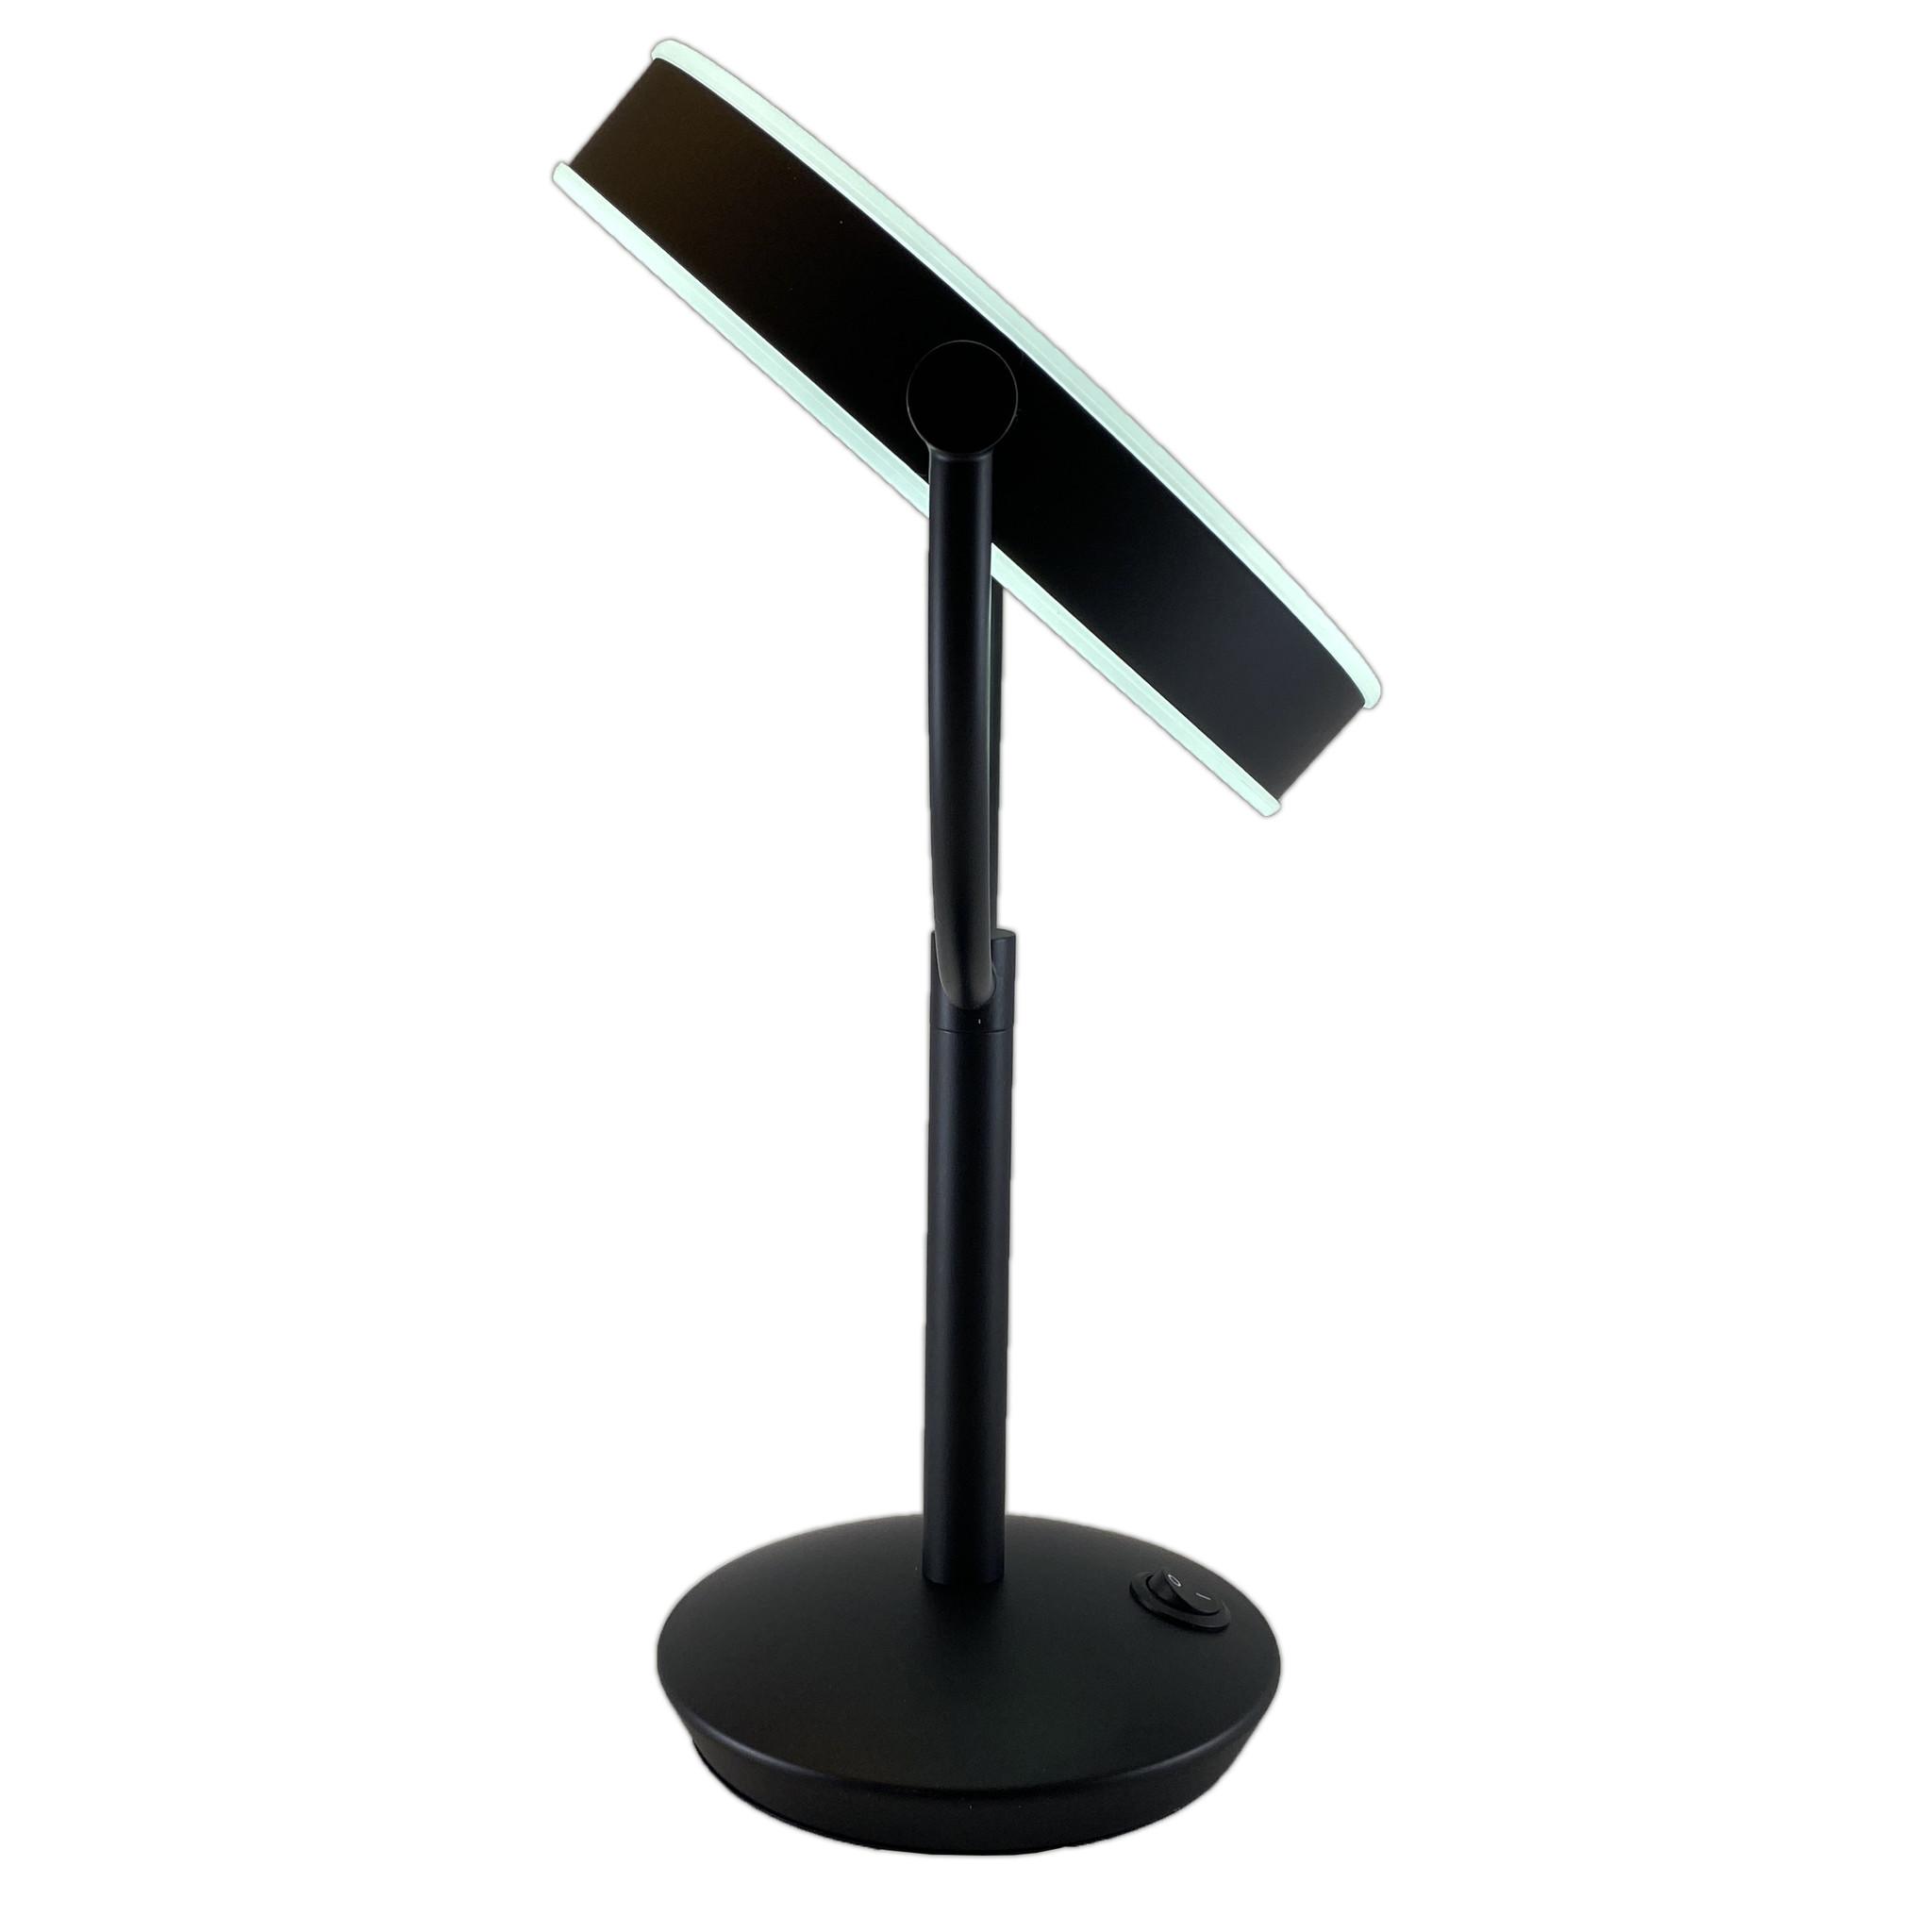 Gérard Brinard Metalen Make-up LED Spiegel Mat zwart 10x vergroting 19cm doorsnee, inculsief 4x AA batterijen en USB stroomkabel